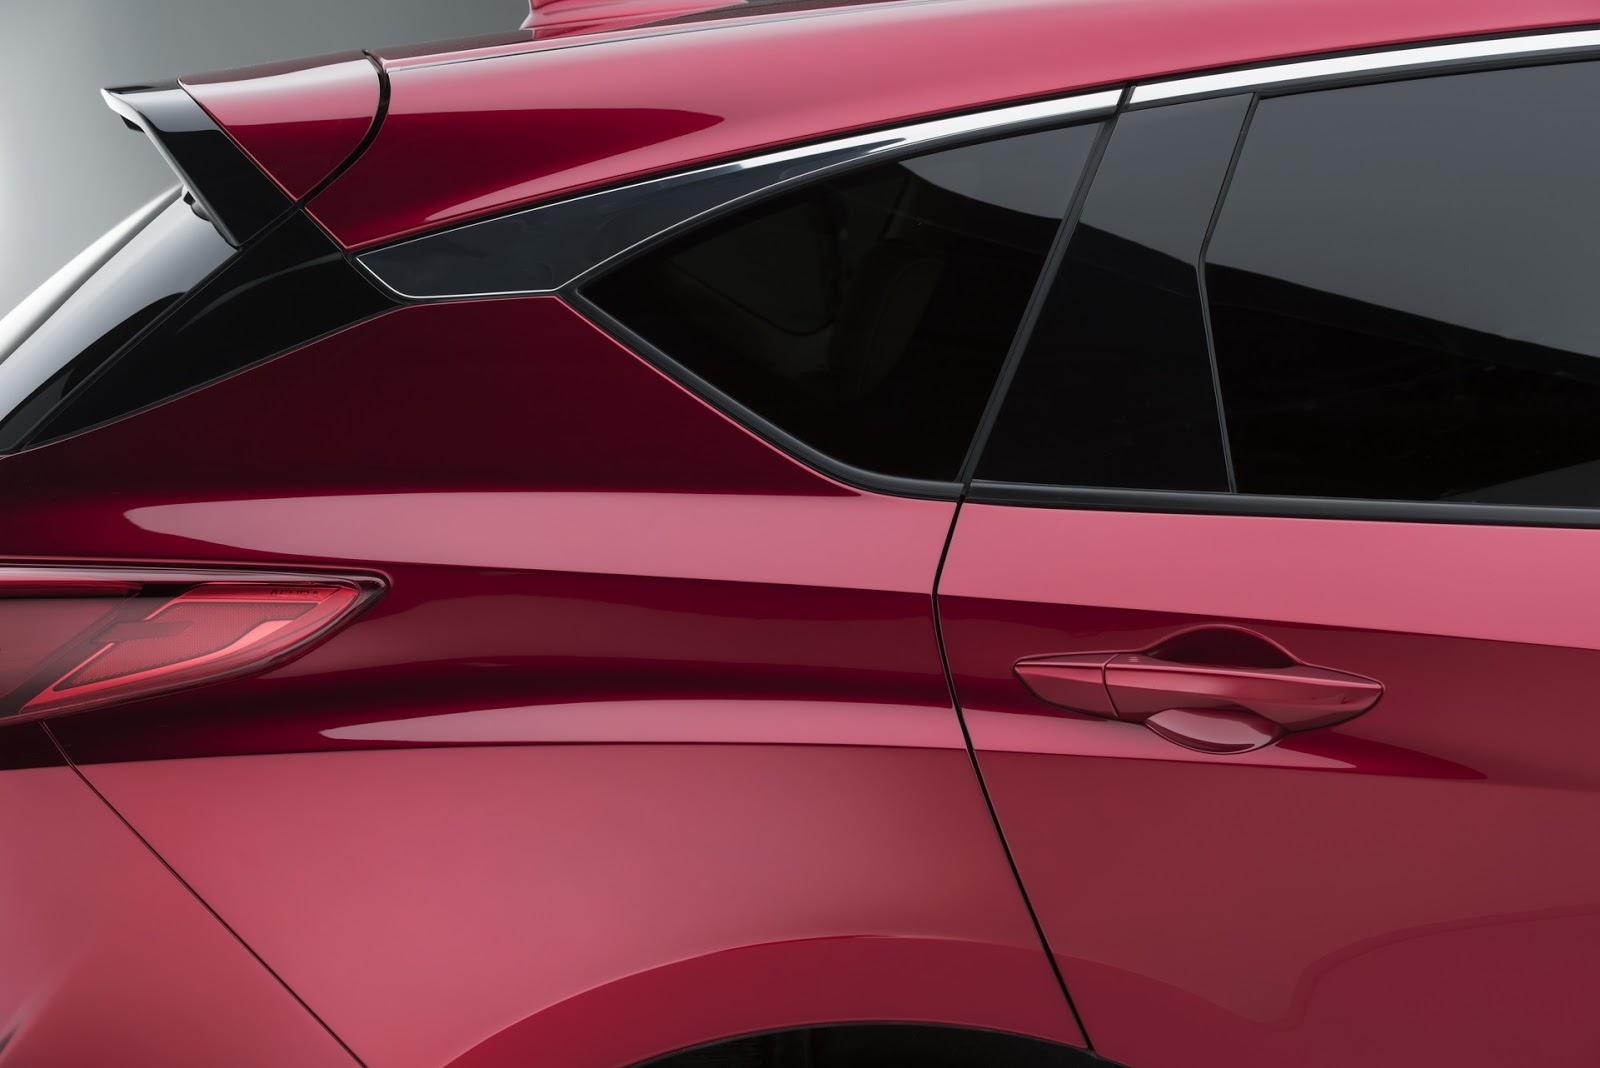 2019-Acura-RDX-9.jpg